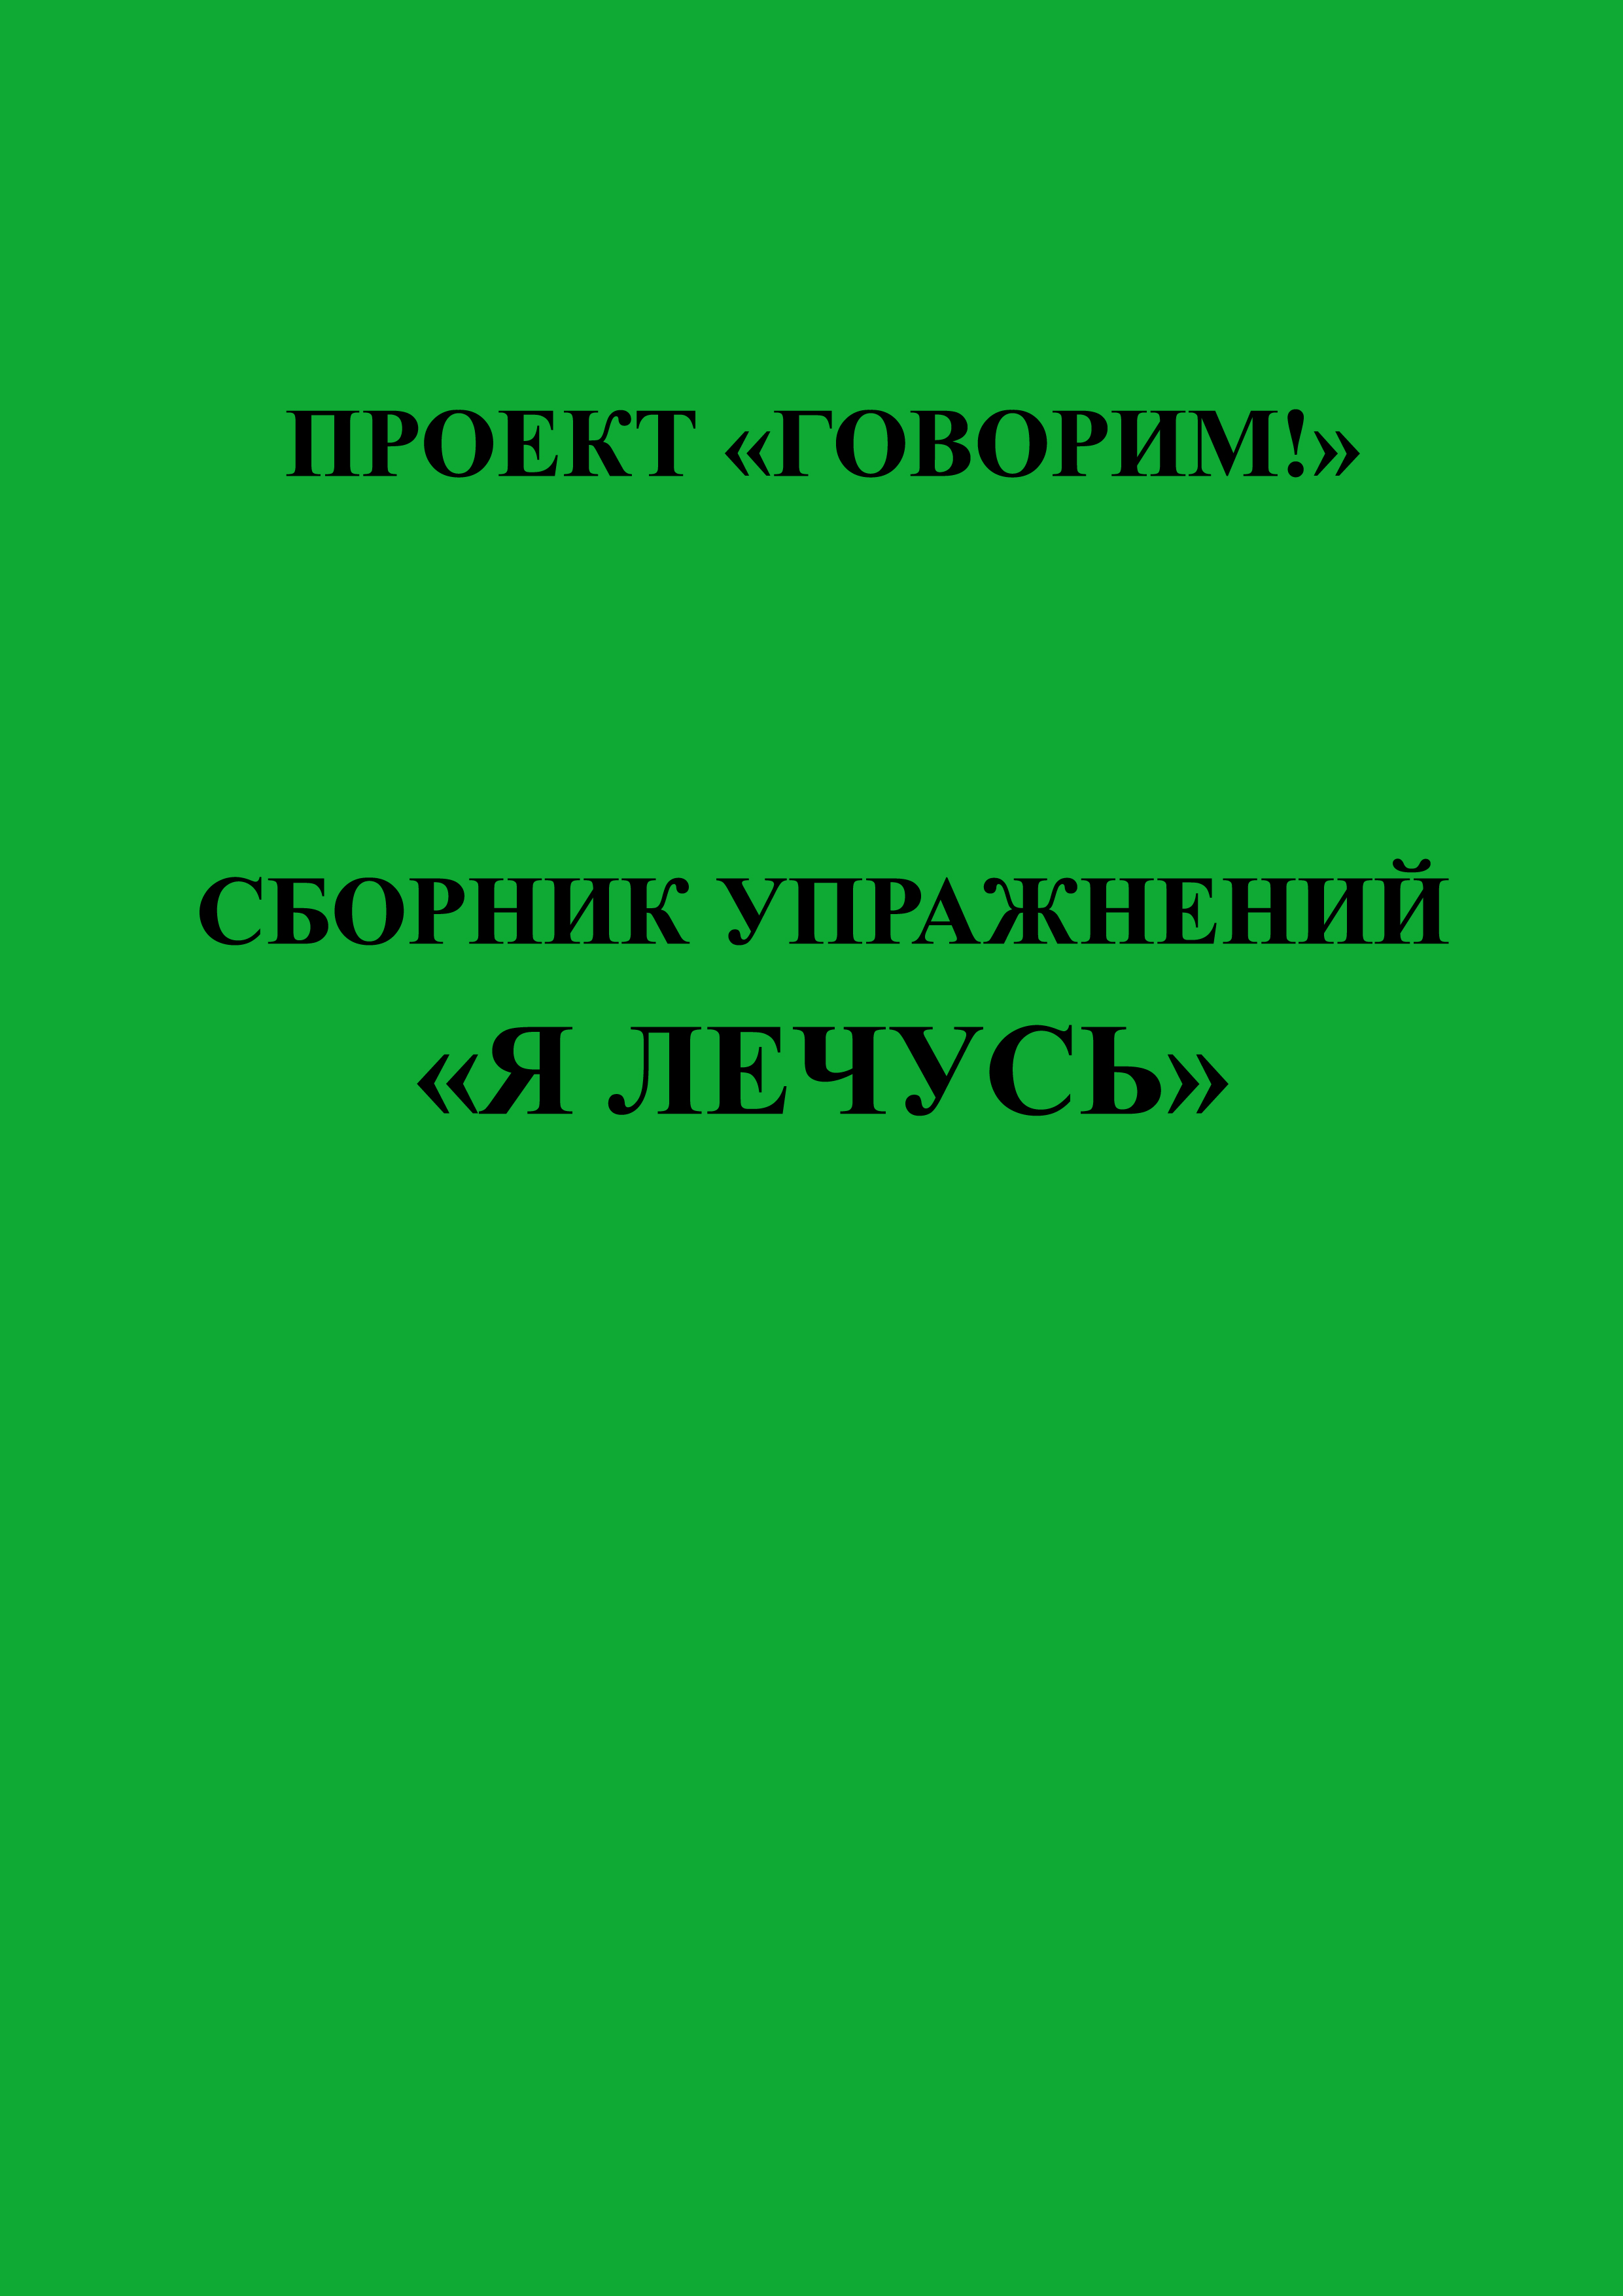 клепацкая л понимание и формирование речи грубая форма афазии О. Д. Ларина Сборник упражнений «Я лечусь»